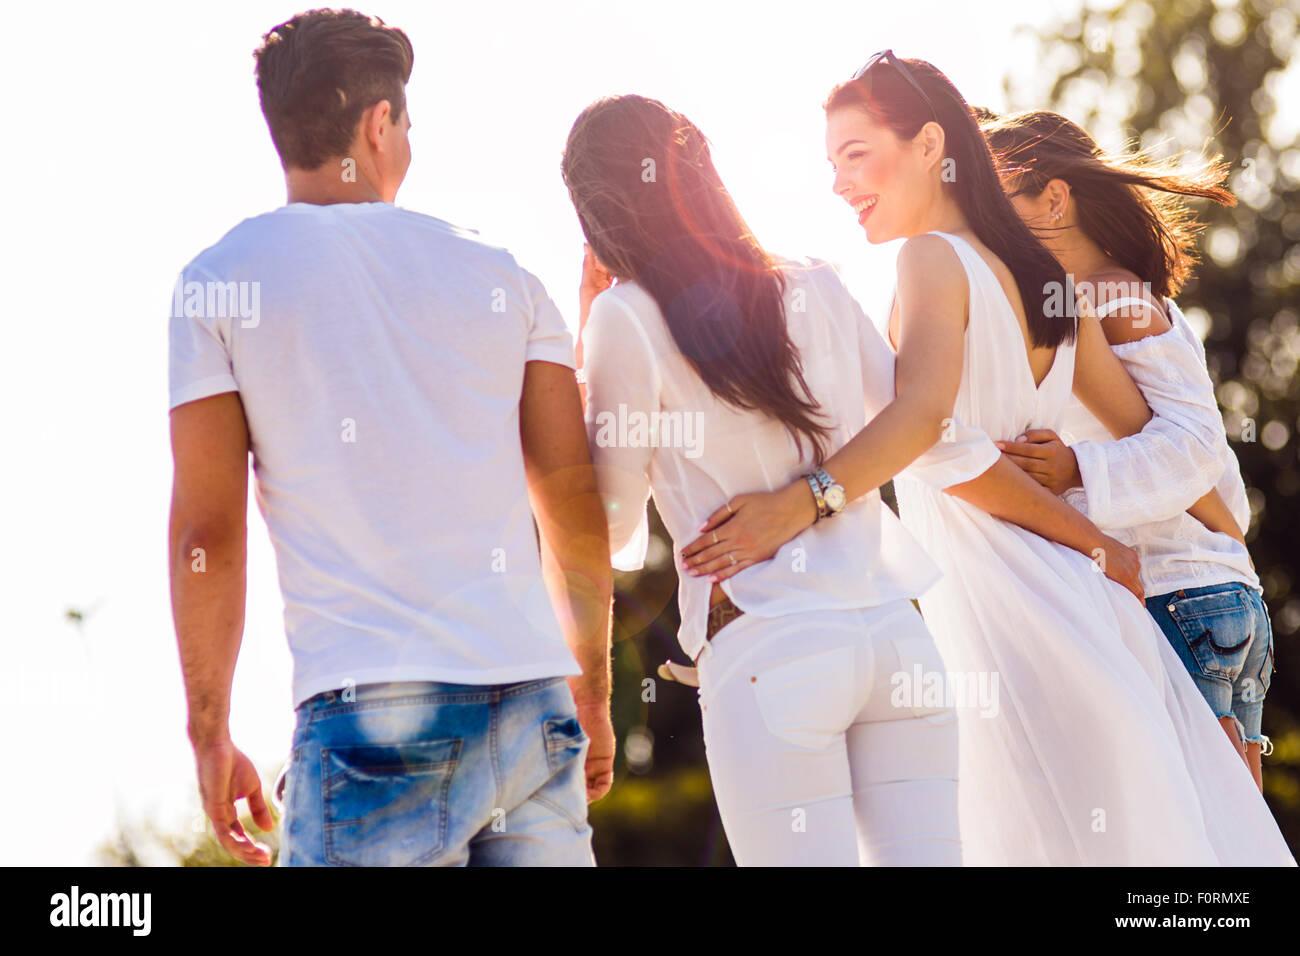 Un gruppo di giovani tenendo le mani sulla spiaggia come un segno di amicizia Immagini Stock